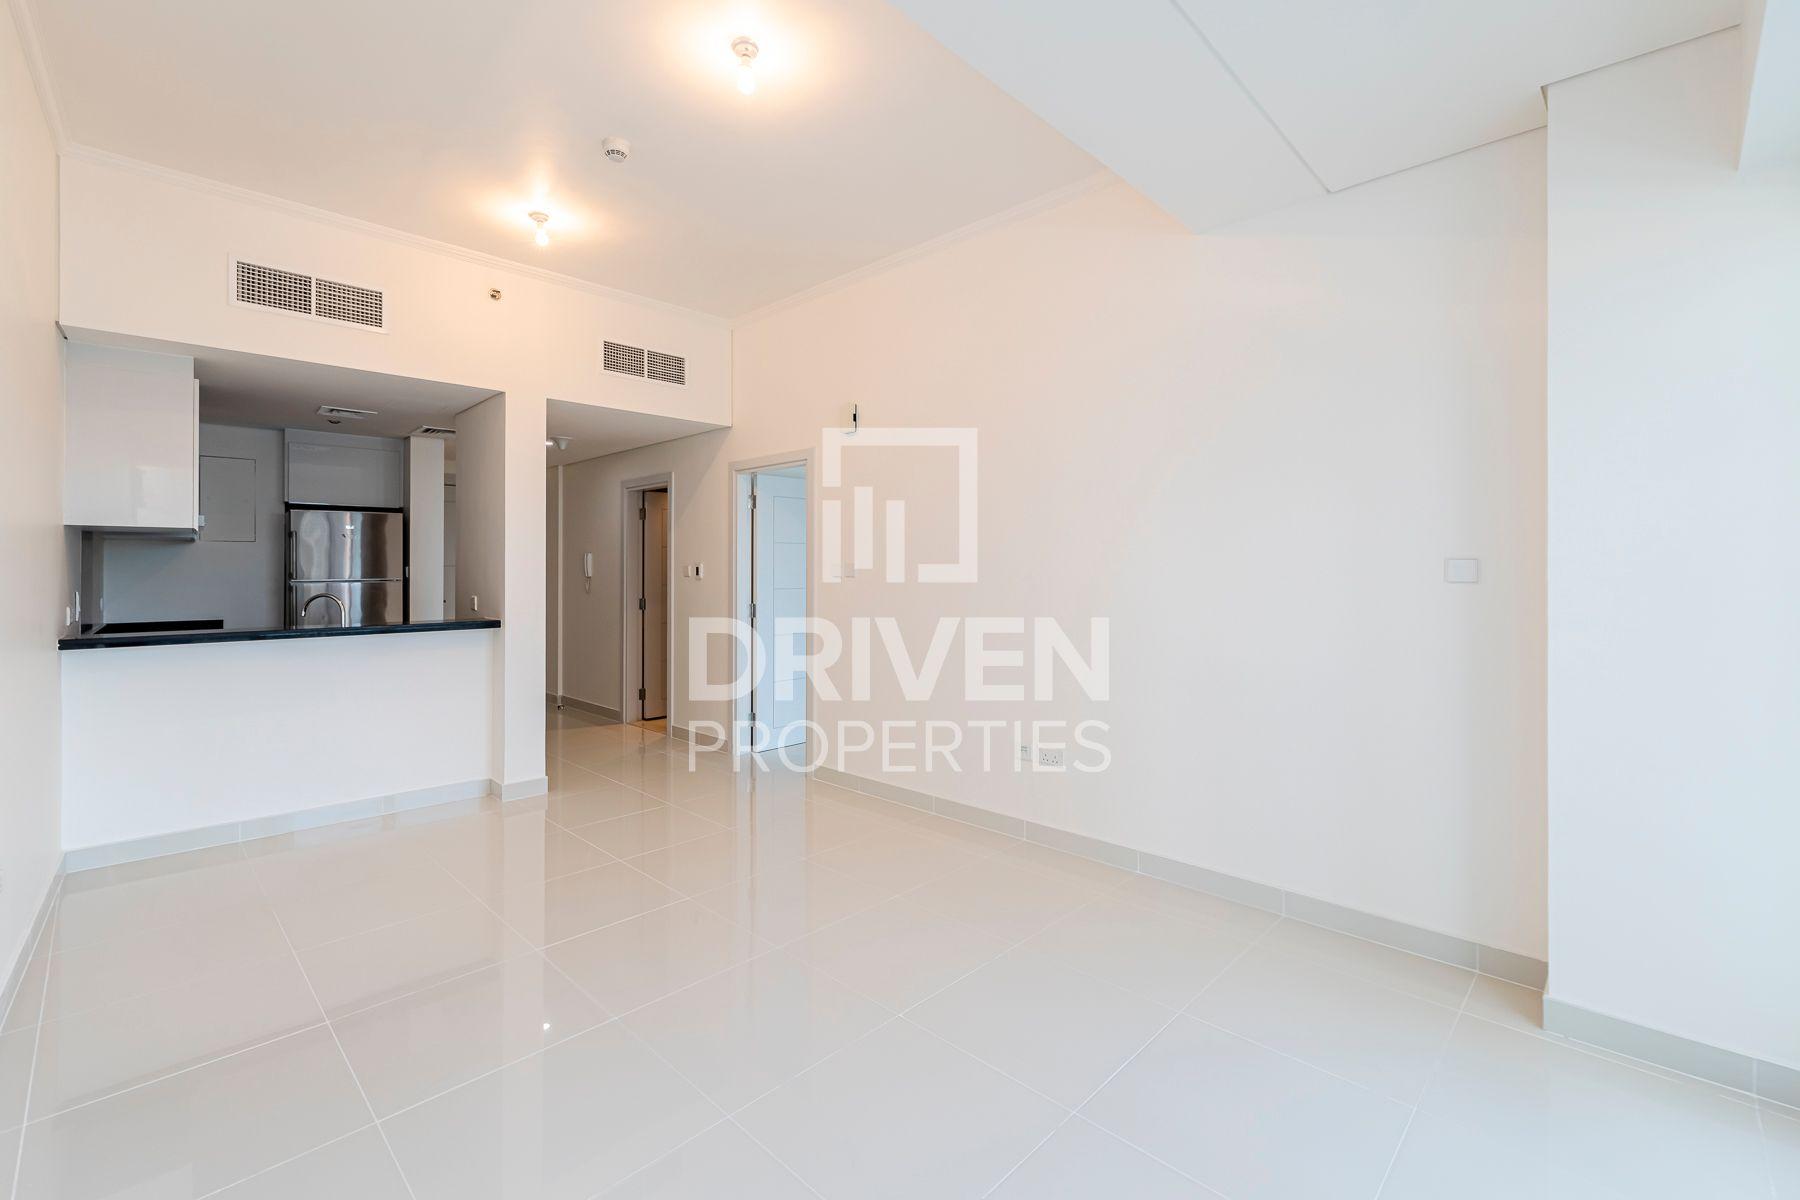 830 قدم مربع  شقة - للايجار - دبي مارينا